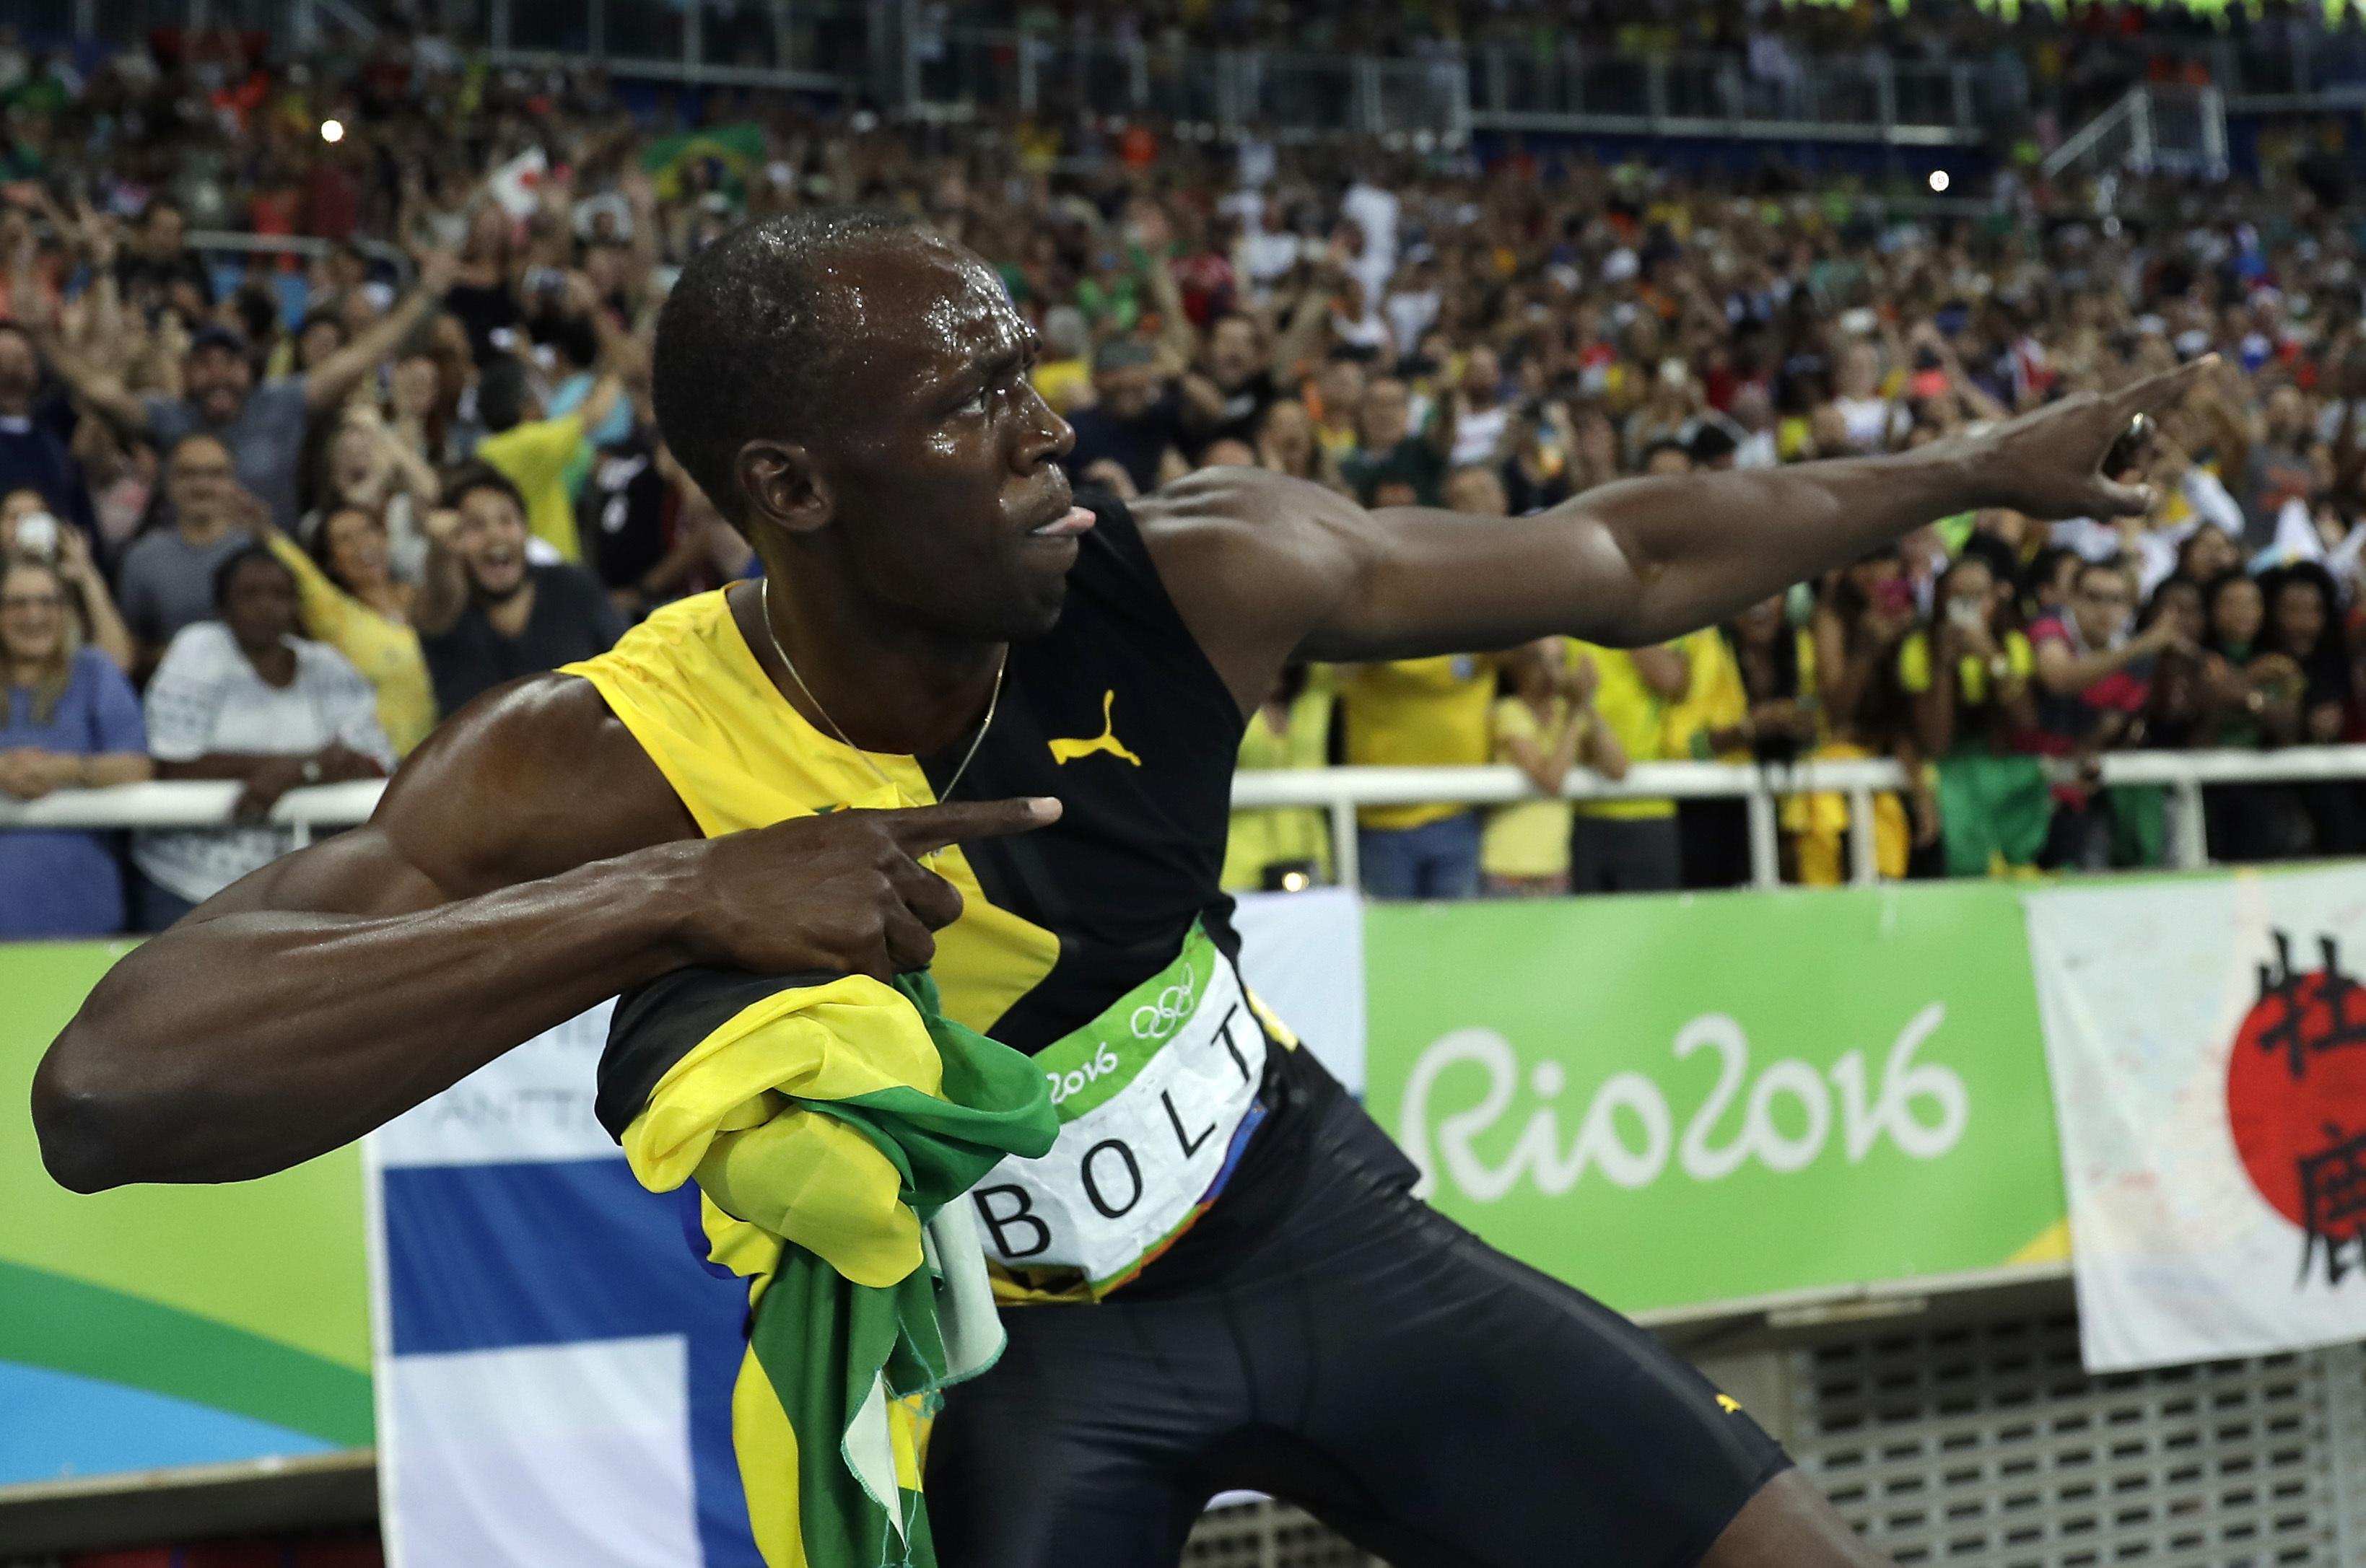 牙買加在里約奧運男子400公尺賽跑奪金後,博爾特再度擺出招牌拉弓姿勢。(美聯社)